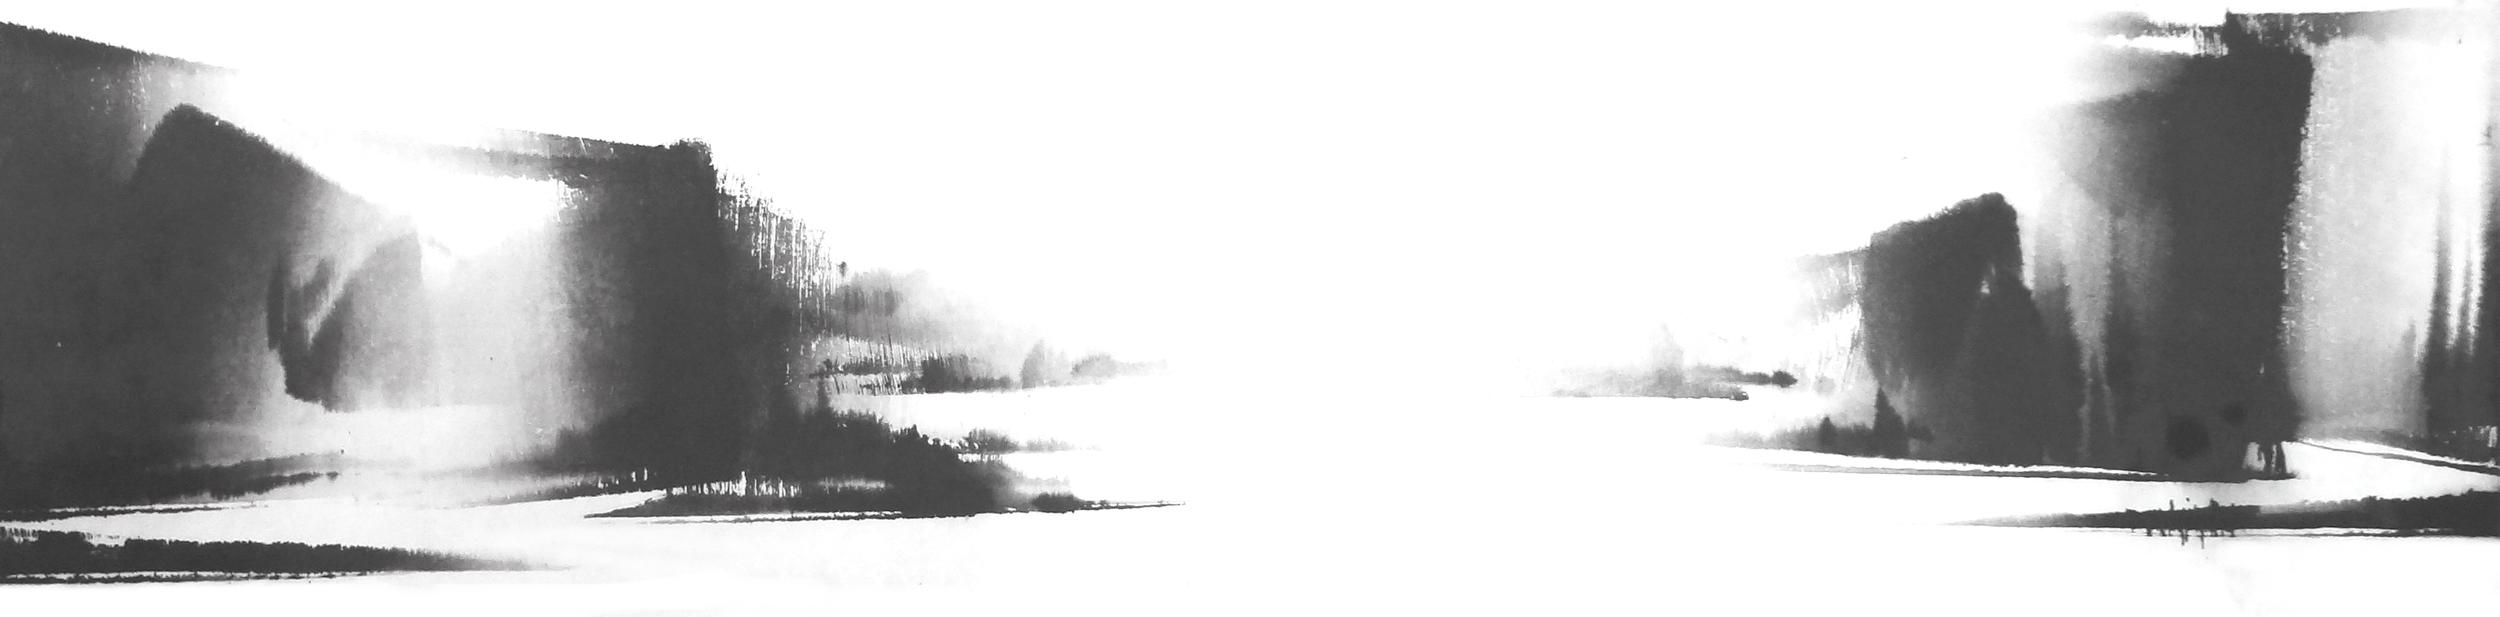 h.빛 다시 Again in His Light, 38X140cm, ink on paper, 2012.JPG